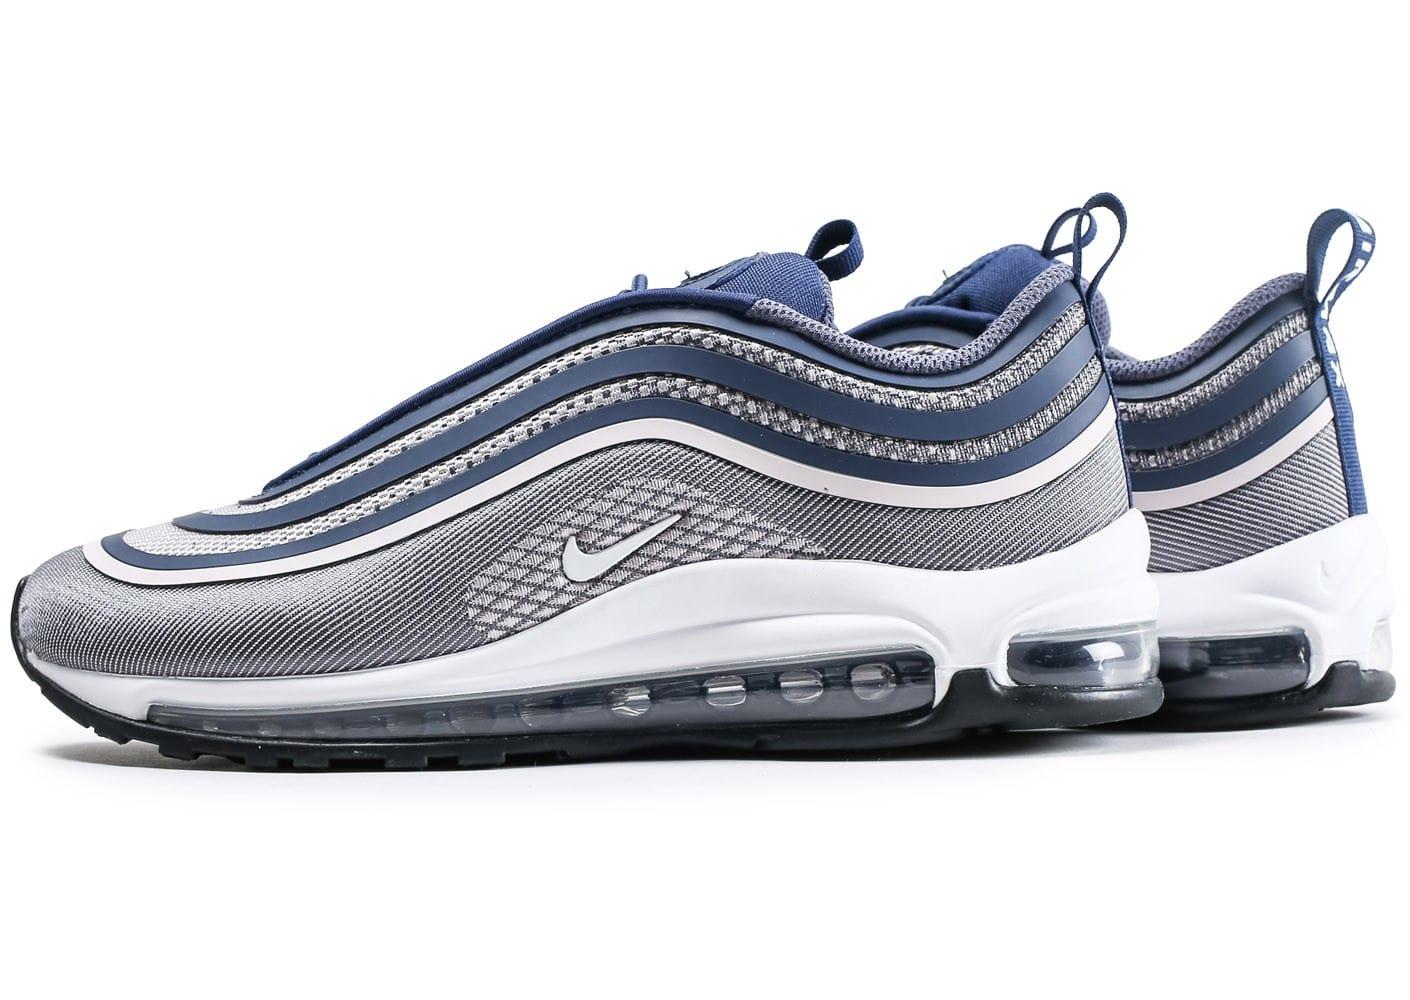 hot sale online 41c98 e6f23 Prix de gros air max 97 femme bleu France vente en ligne, toutes les gammes  de chaussures Nike pour hommes et femmes outlet pas cher.